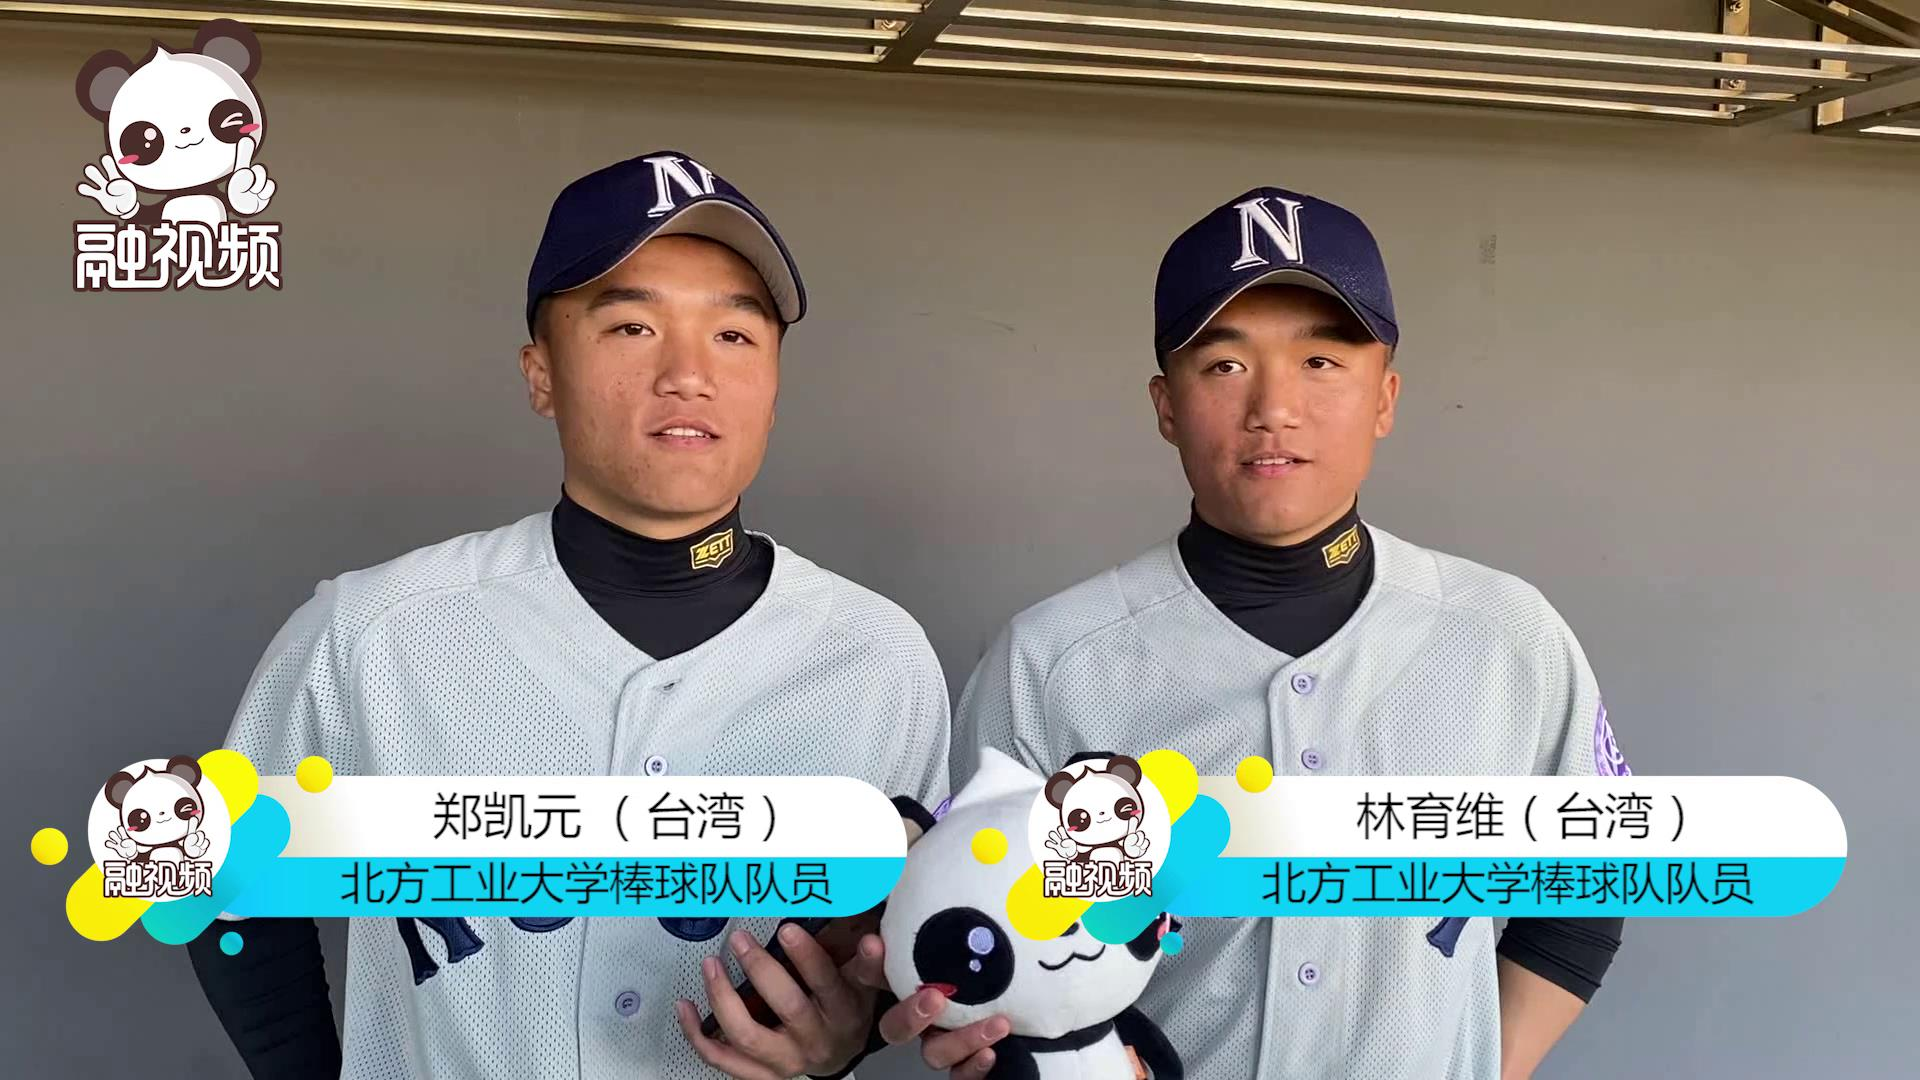 兄弟同心其利断金 双胞胎兄弟的棒球路图片